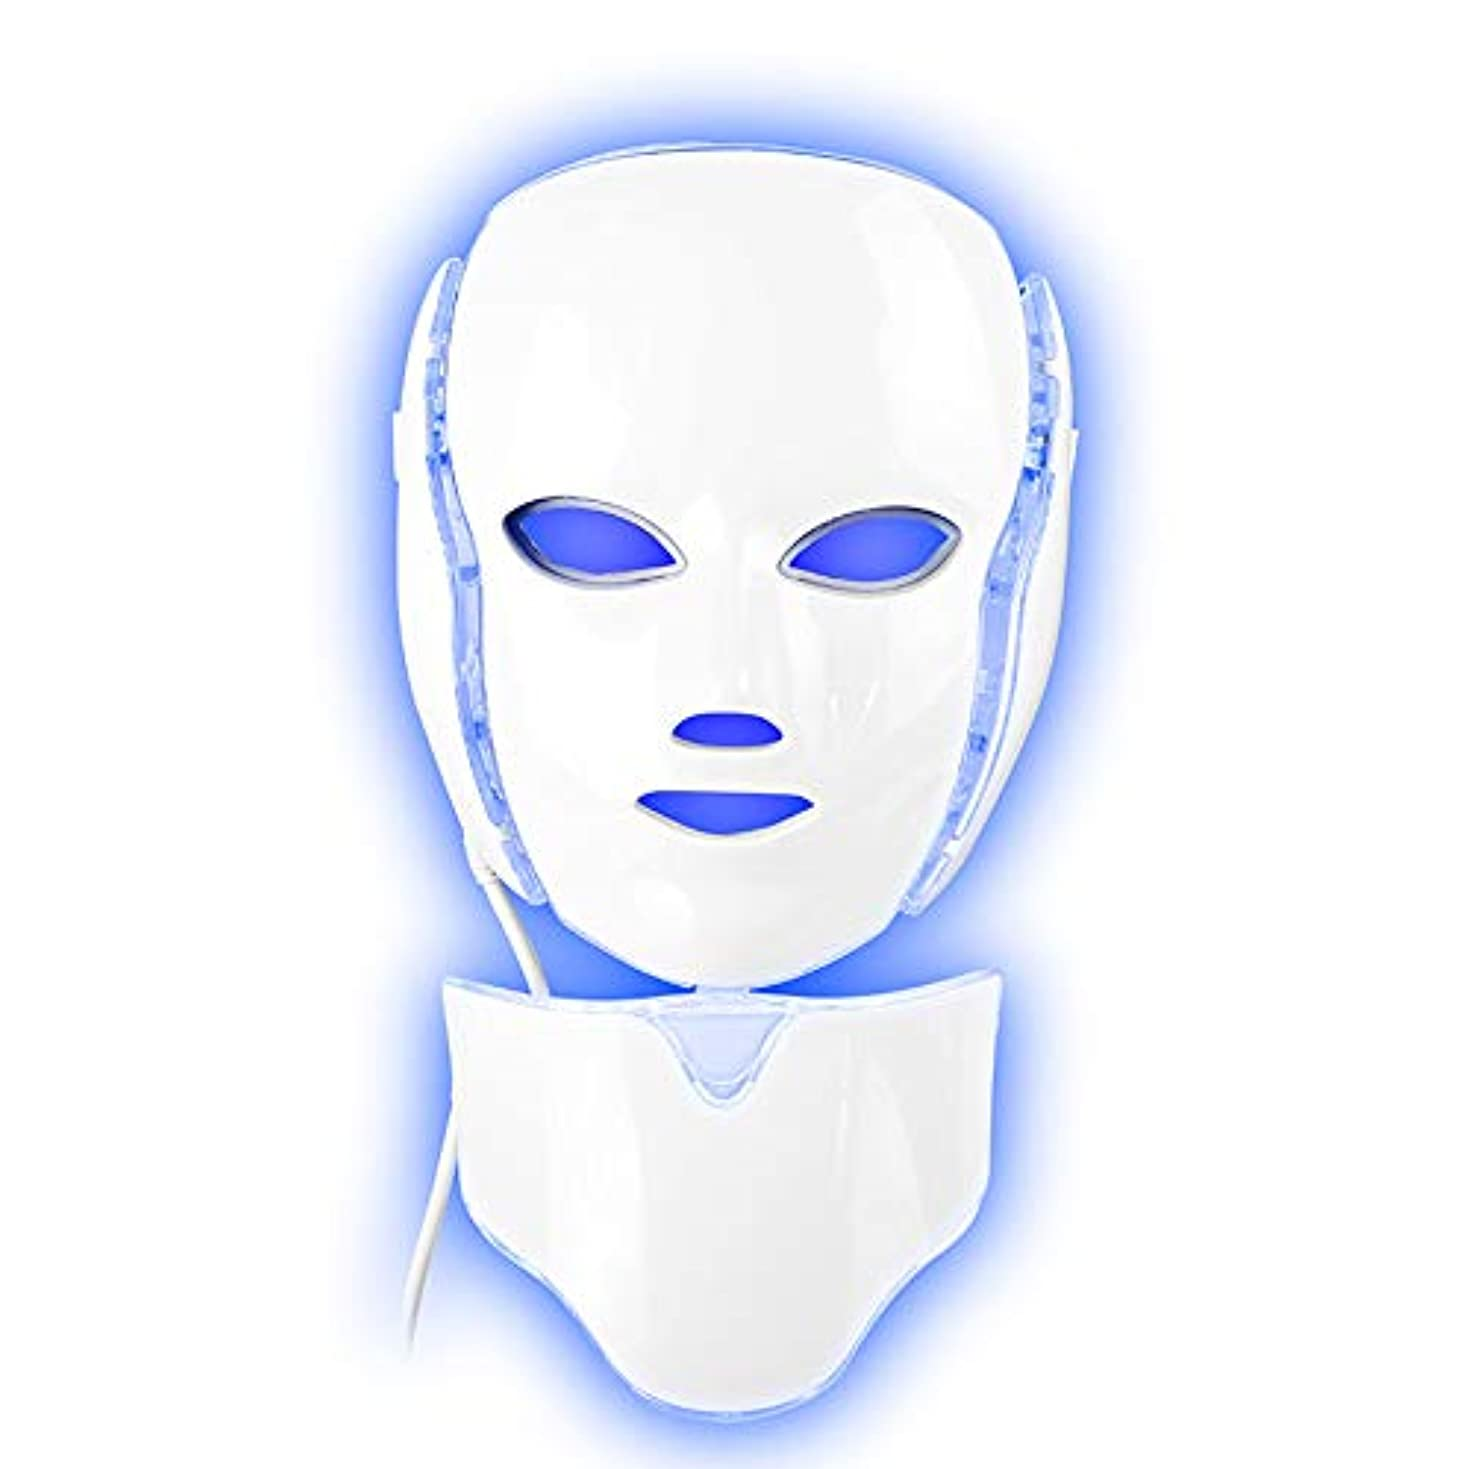 化学阻害するハンサム7色LEDライトフェイシャルマスクアンチニキビ治療肌ネックマスクセットで楽器を締めます